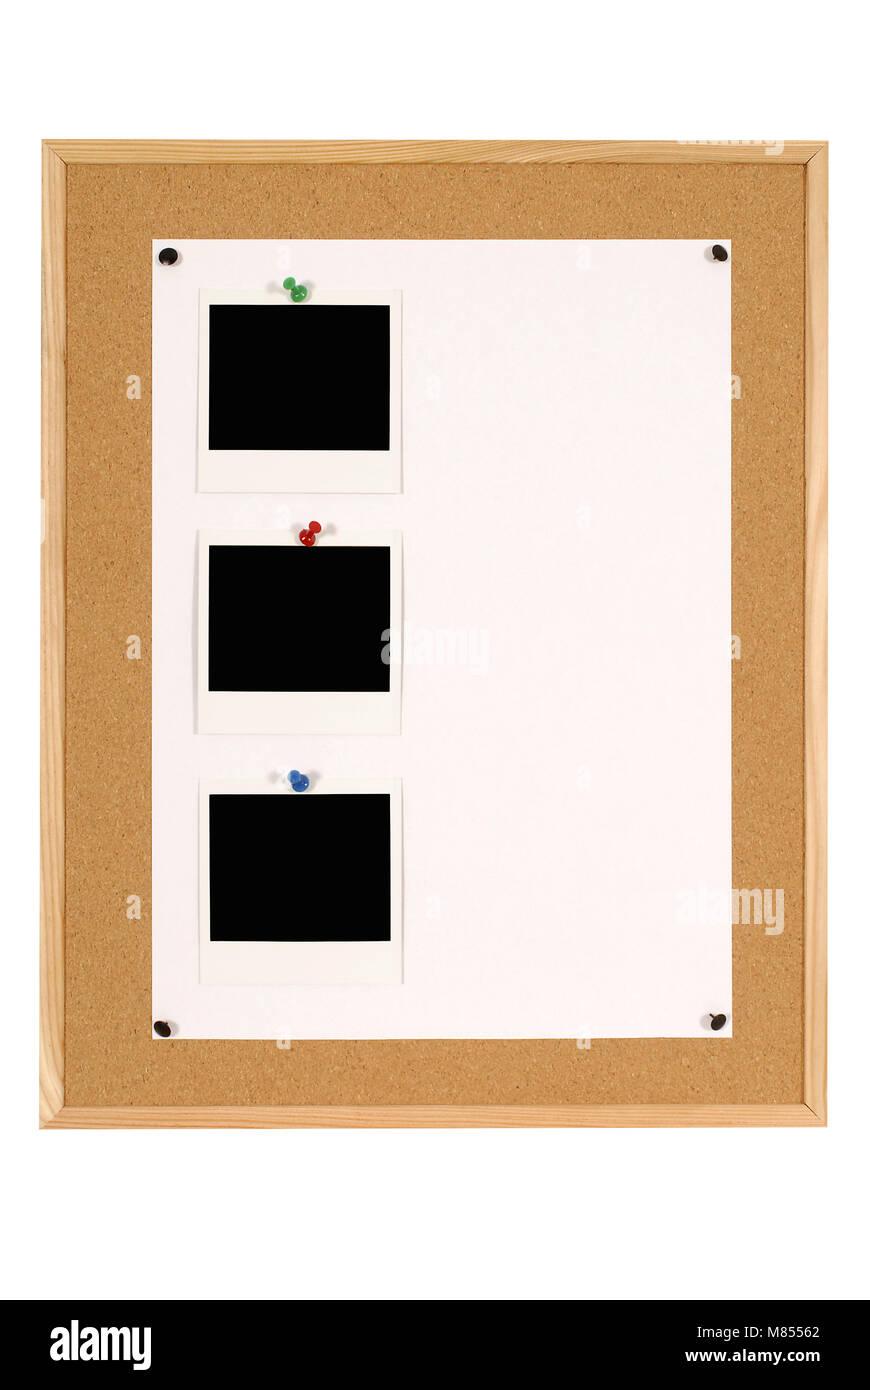 Cork Ankündigung oder Bulletin Board mit Holzrahmen und großes Blatt ...